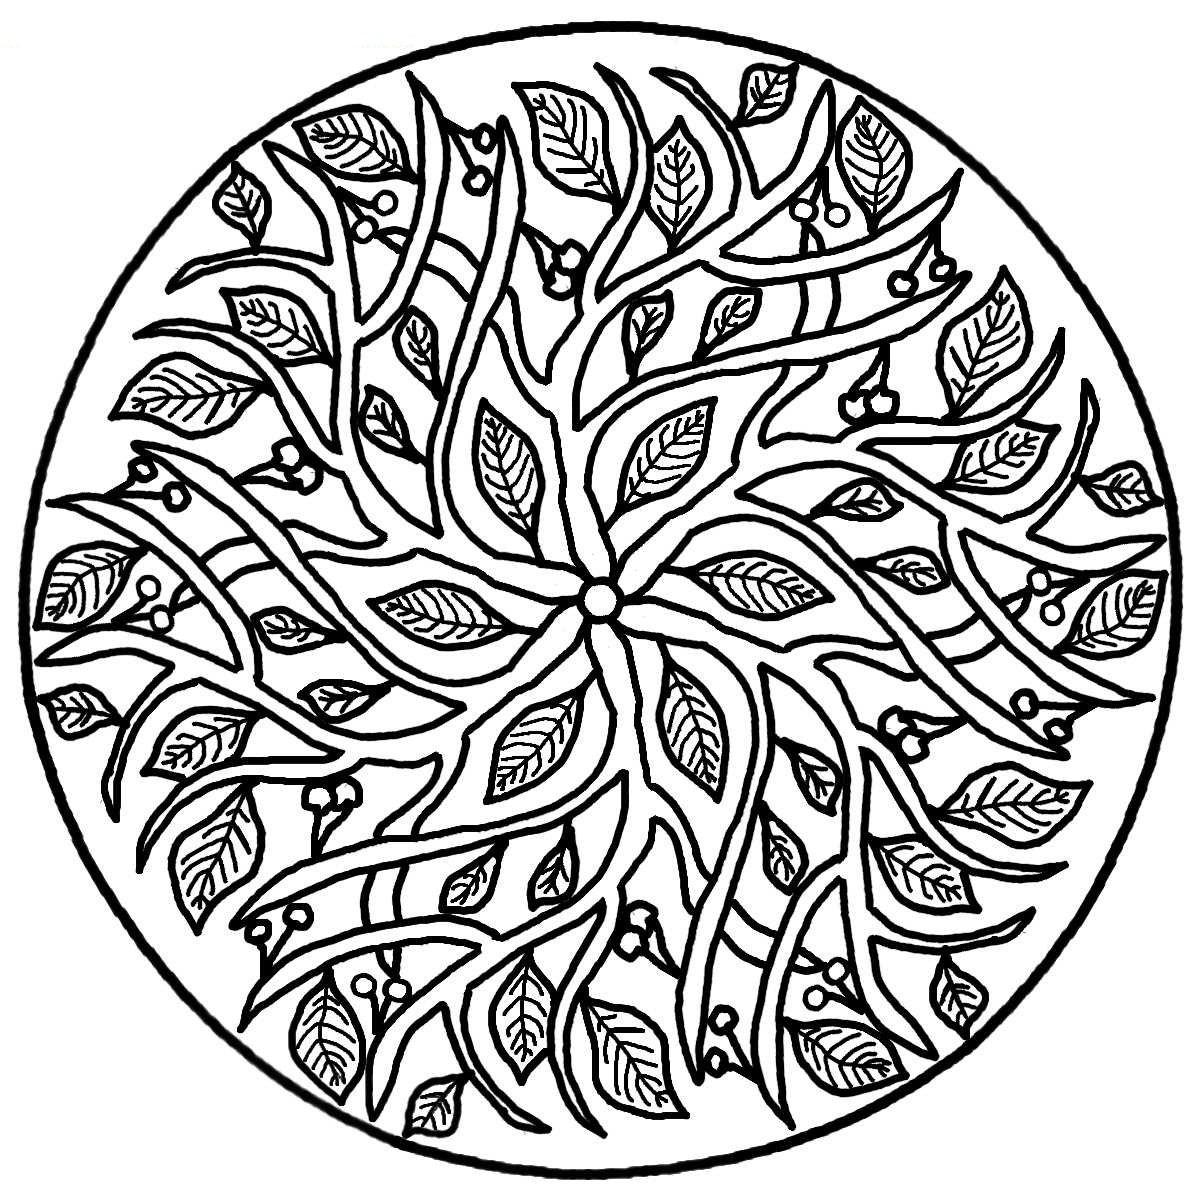 Mandala Coloring Pages (9)